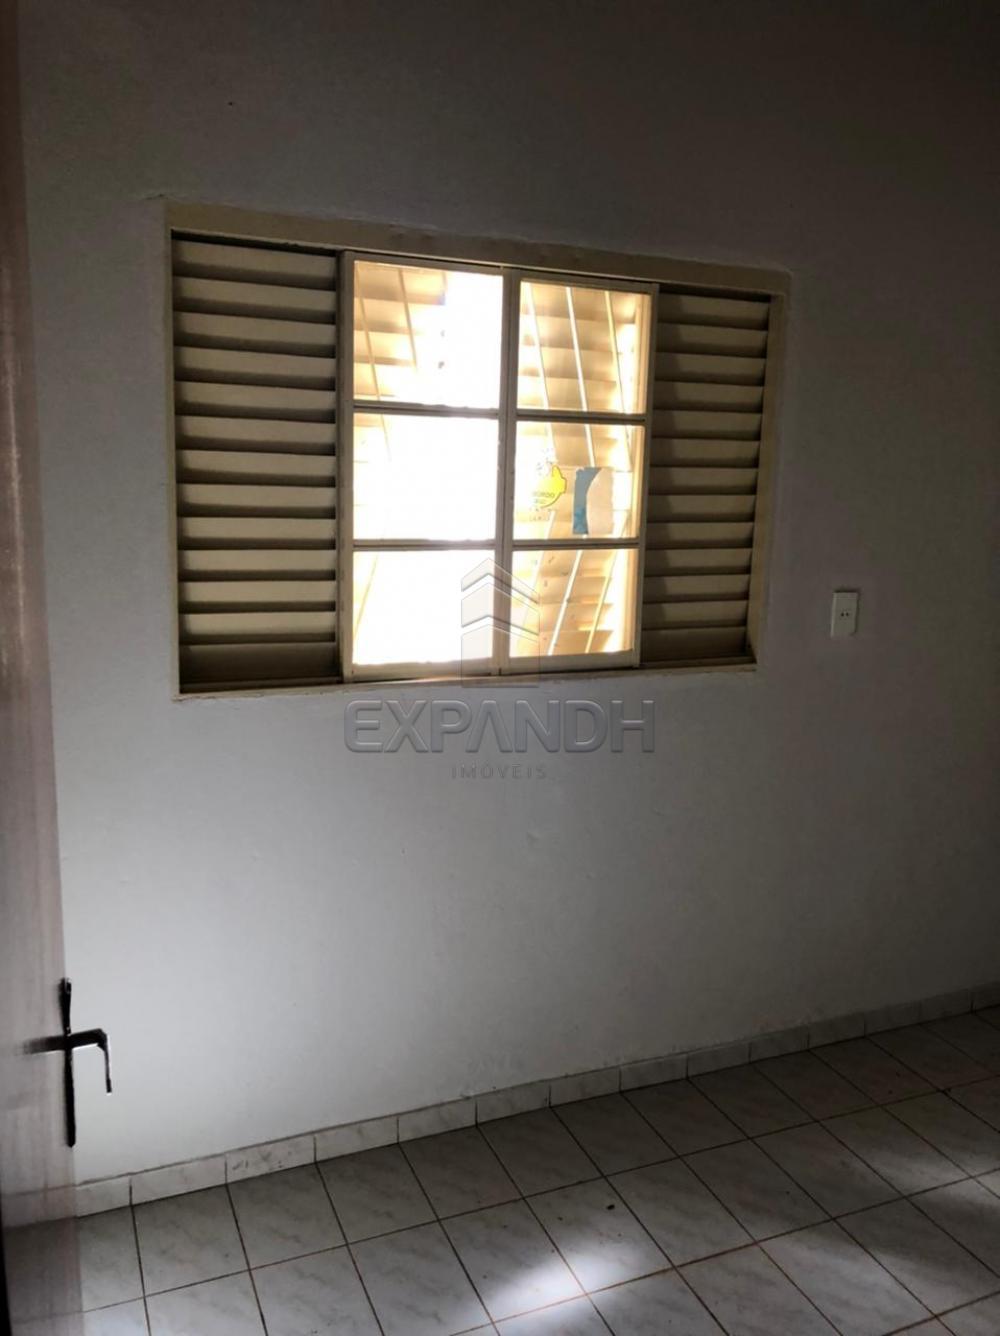 Alugar Casas / Padrão em Sertãozinho R$ 1.100,00 - Foto 18